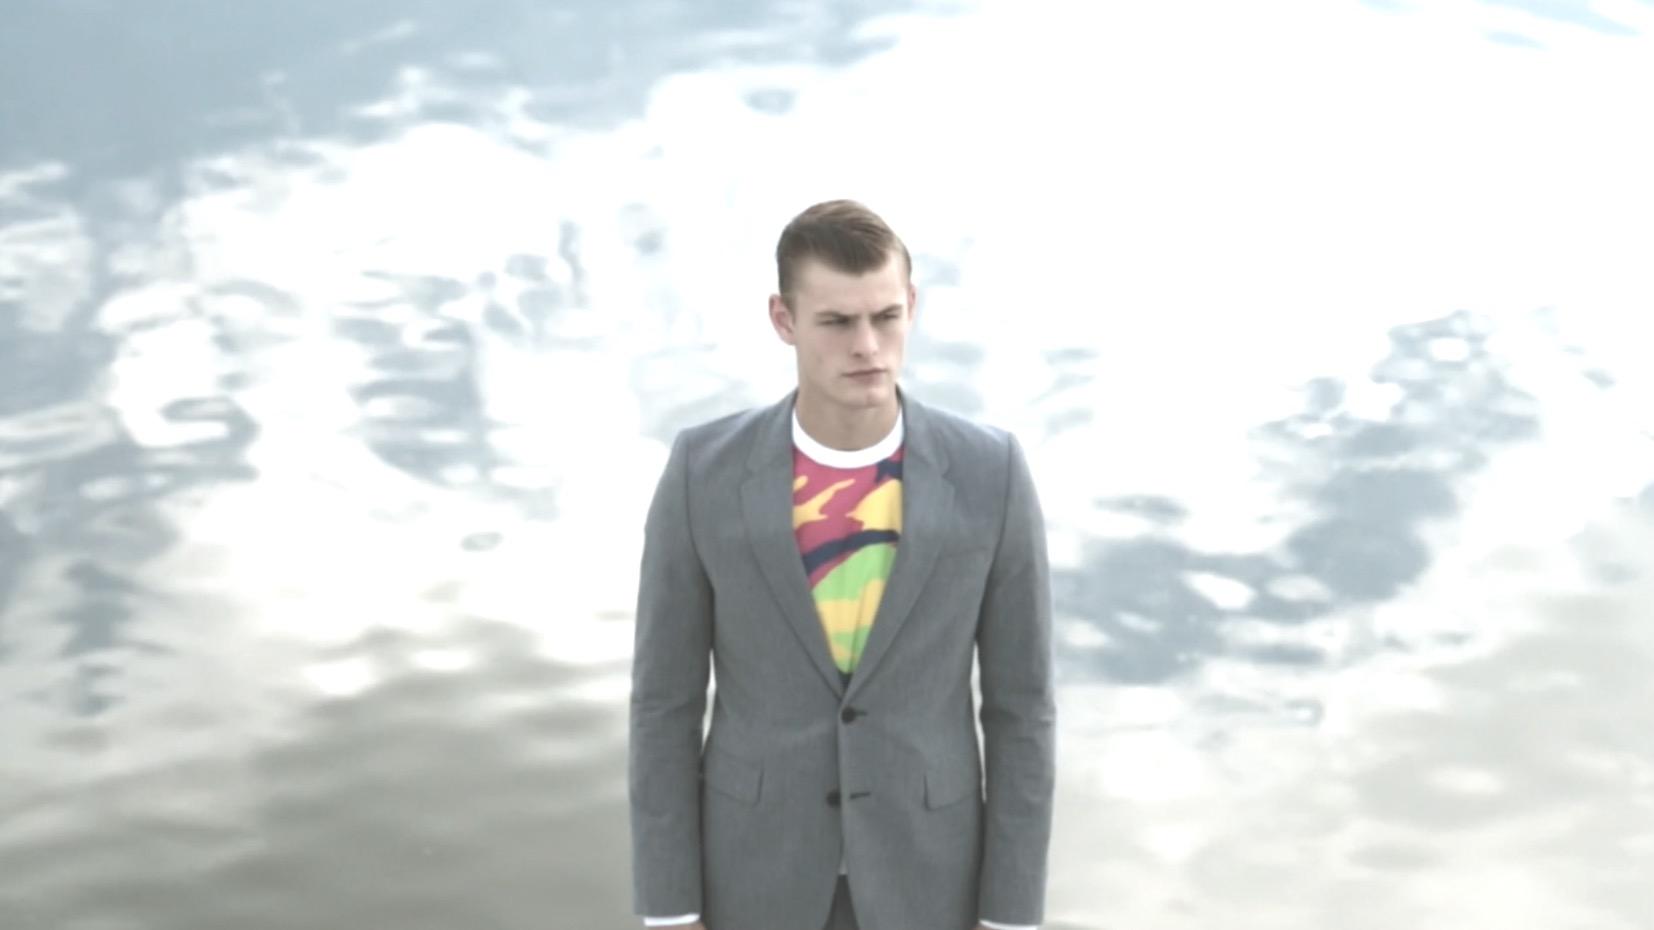 Model Noah Teicher for Men Moments Magazine by Michael del Buono.